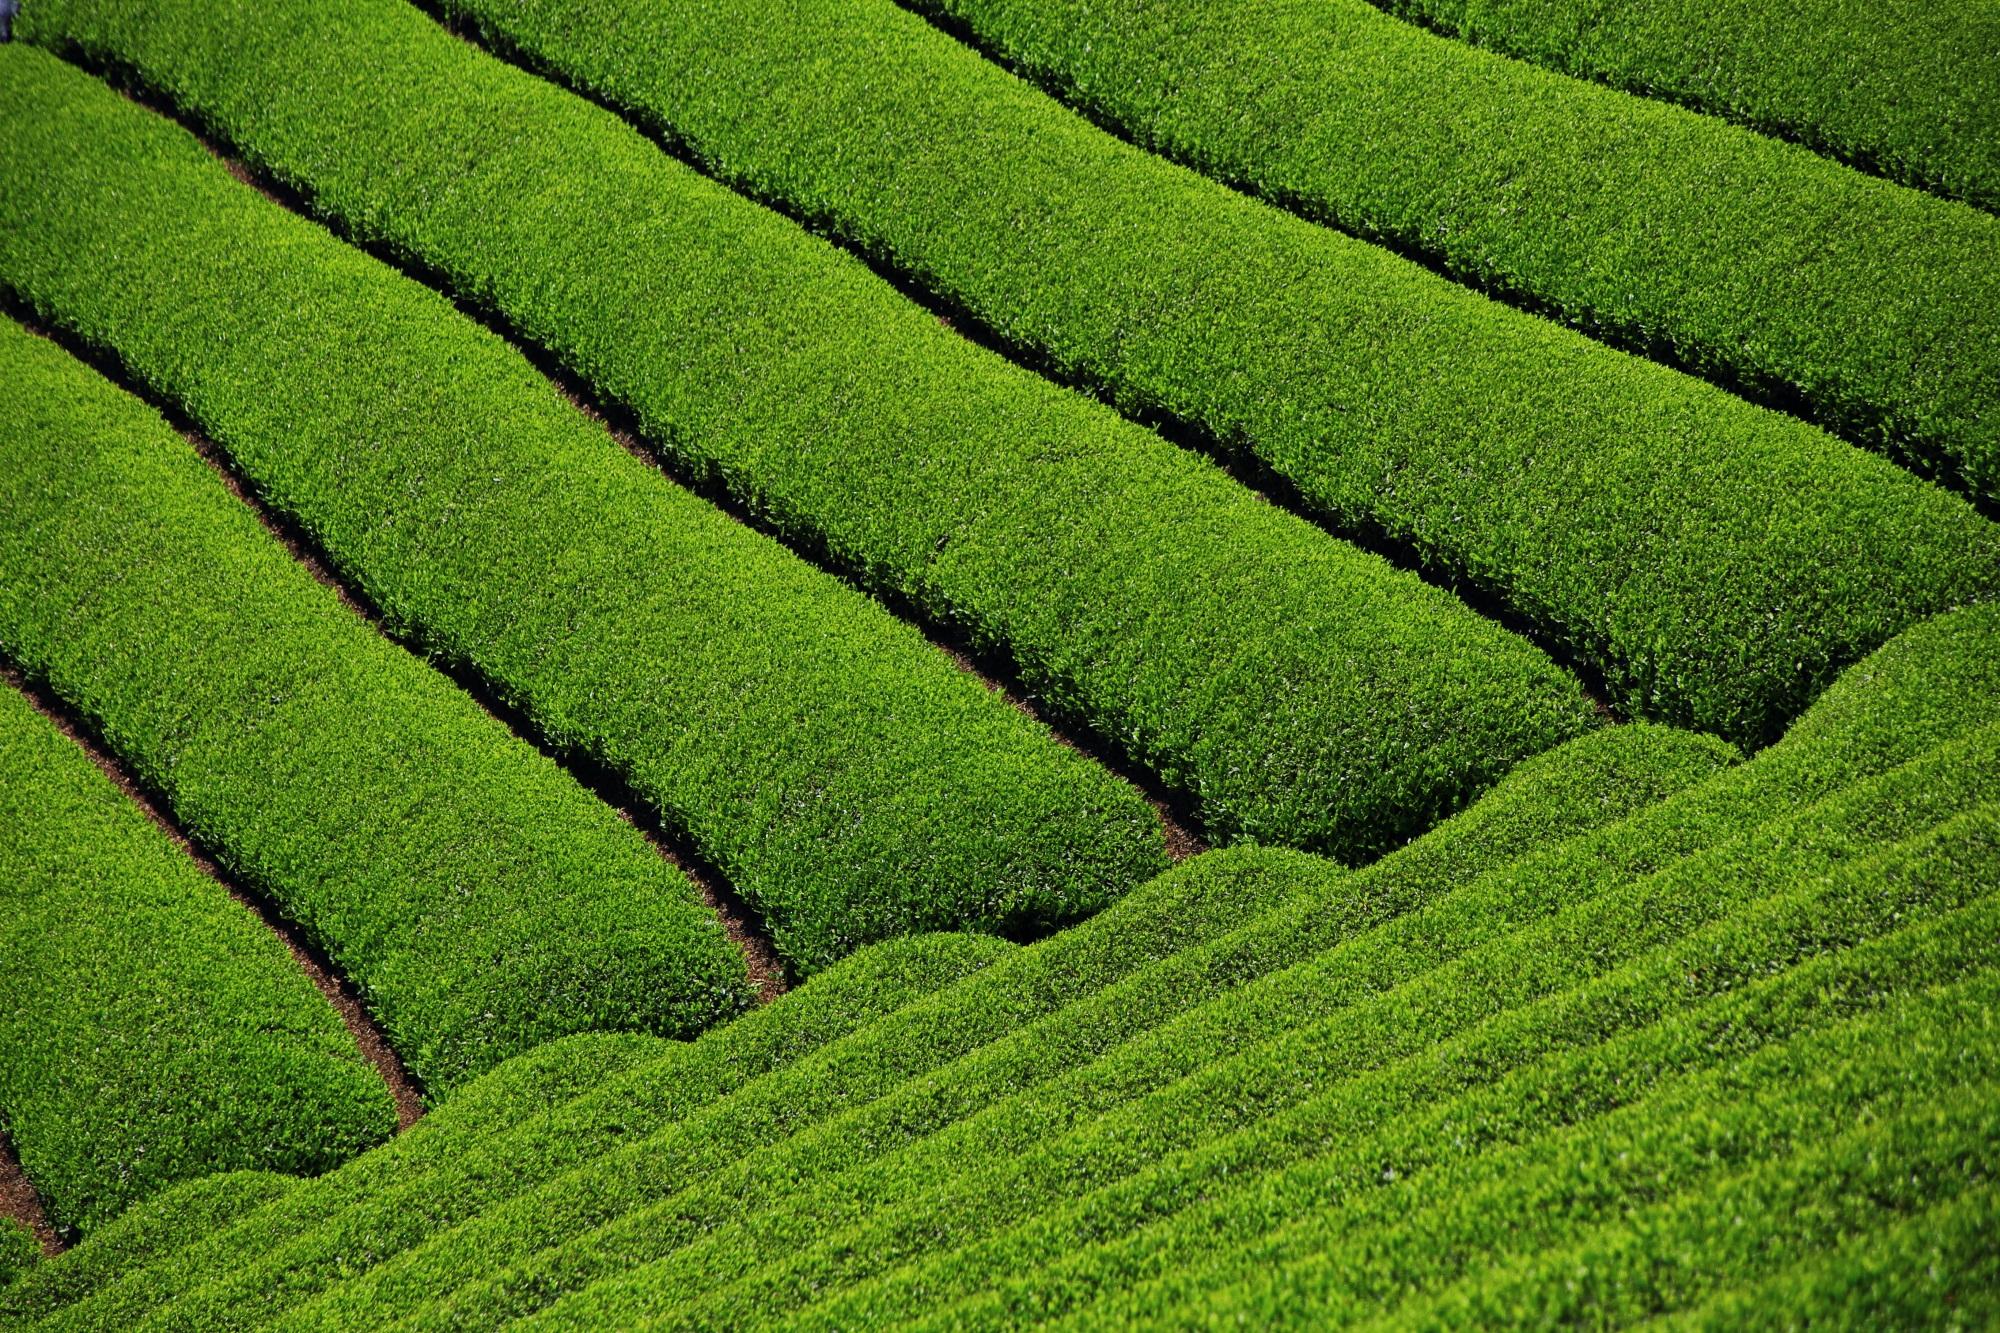 淡く優しい緑色をしたお茶畑